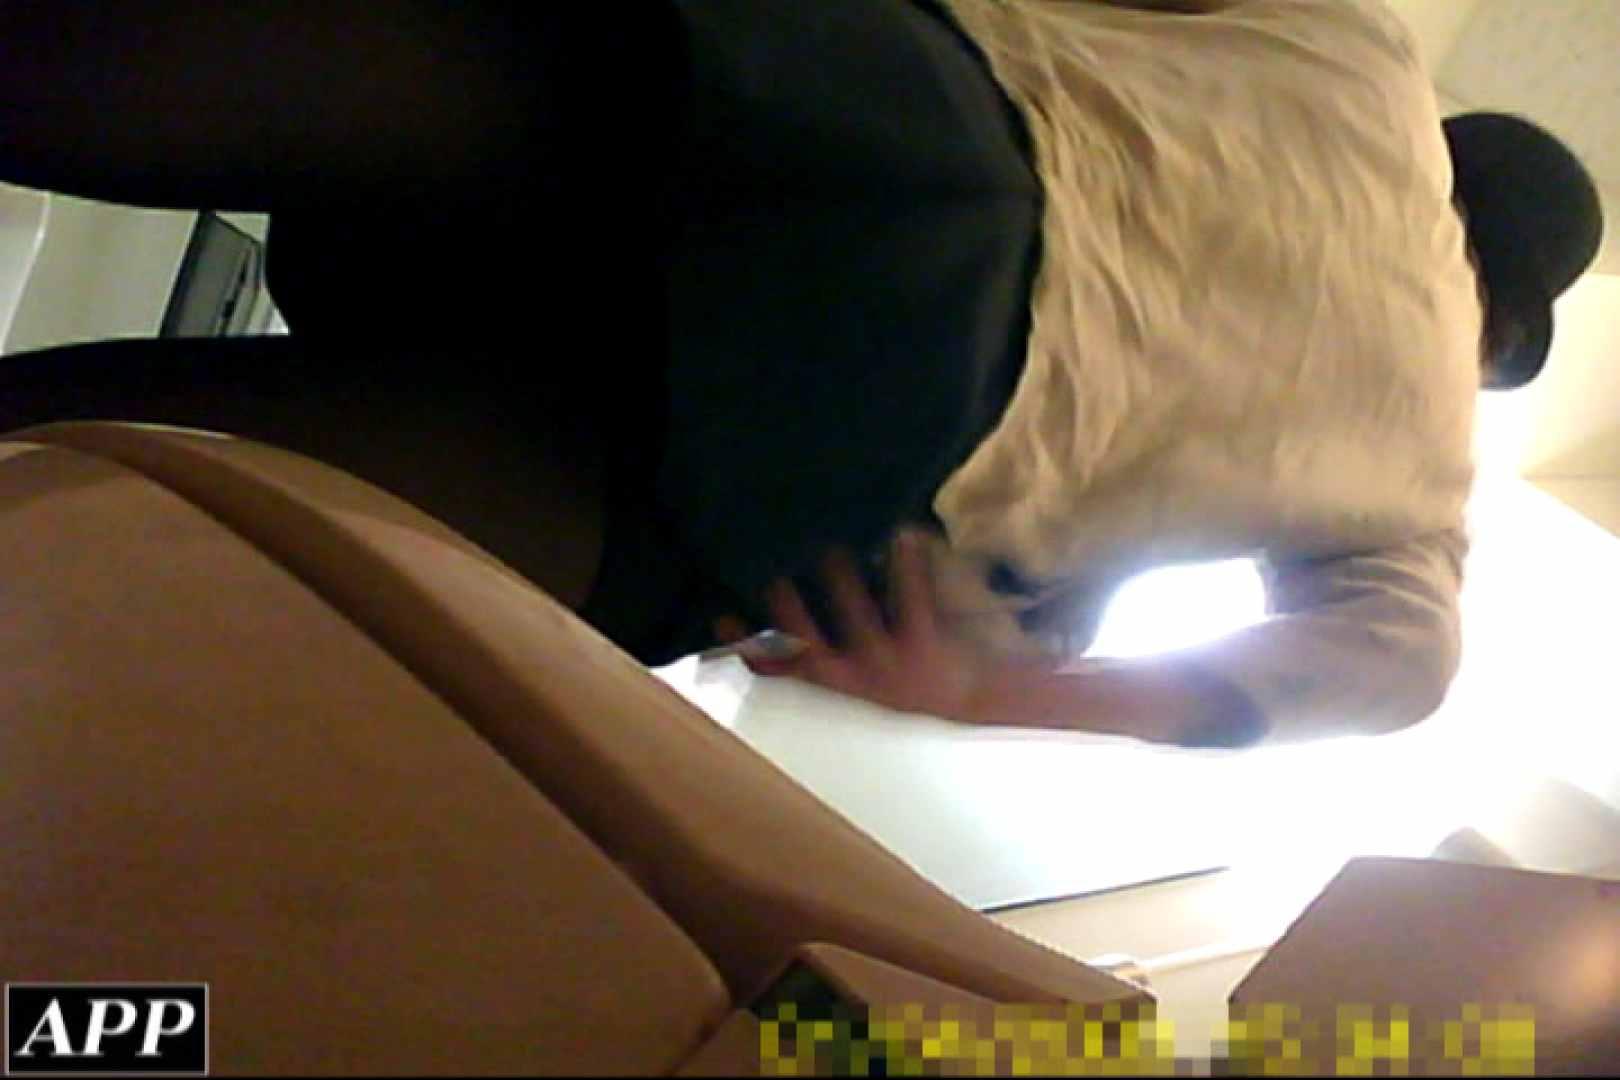 3視点洗面所 vol.115 肛門 盗み撮り動画キャプチャ 102PIX 29